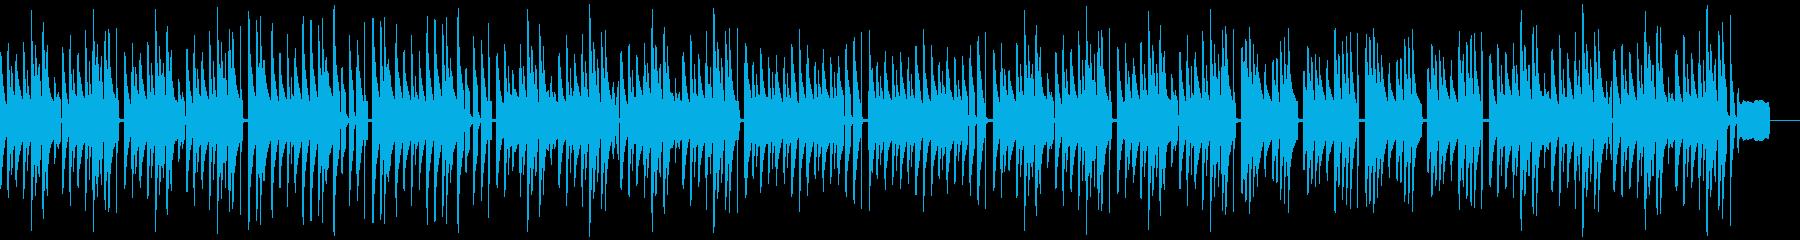 のんびり、のほほん、としたポップな曲の再生済みの波形